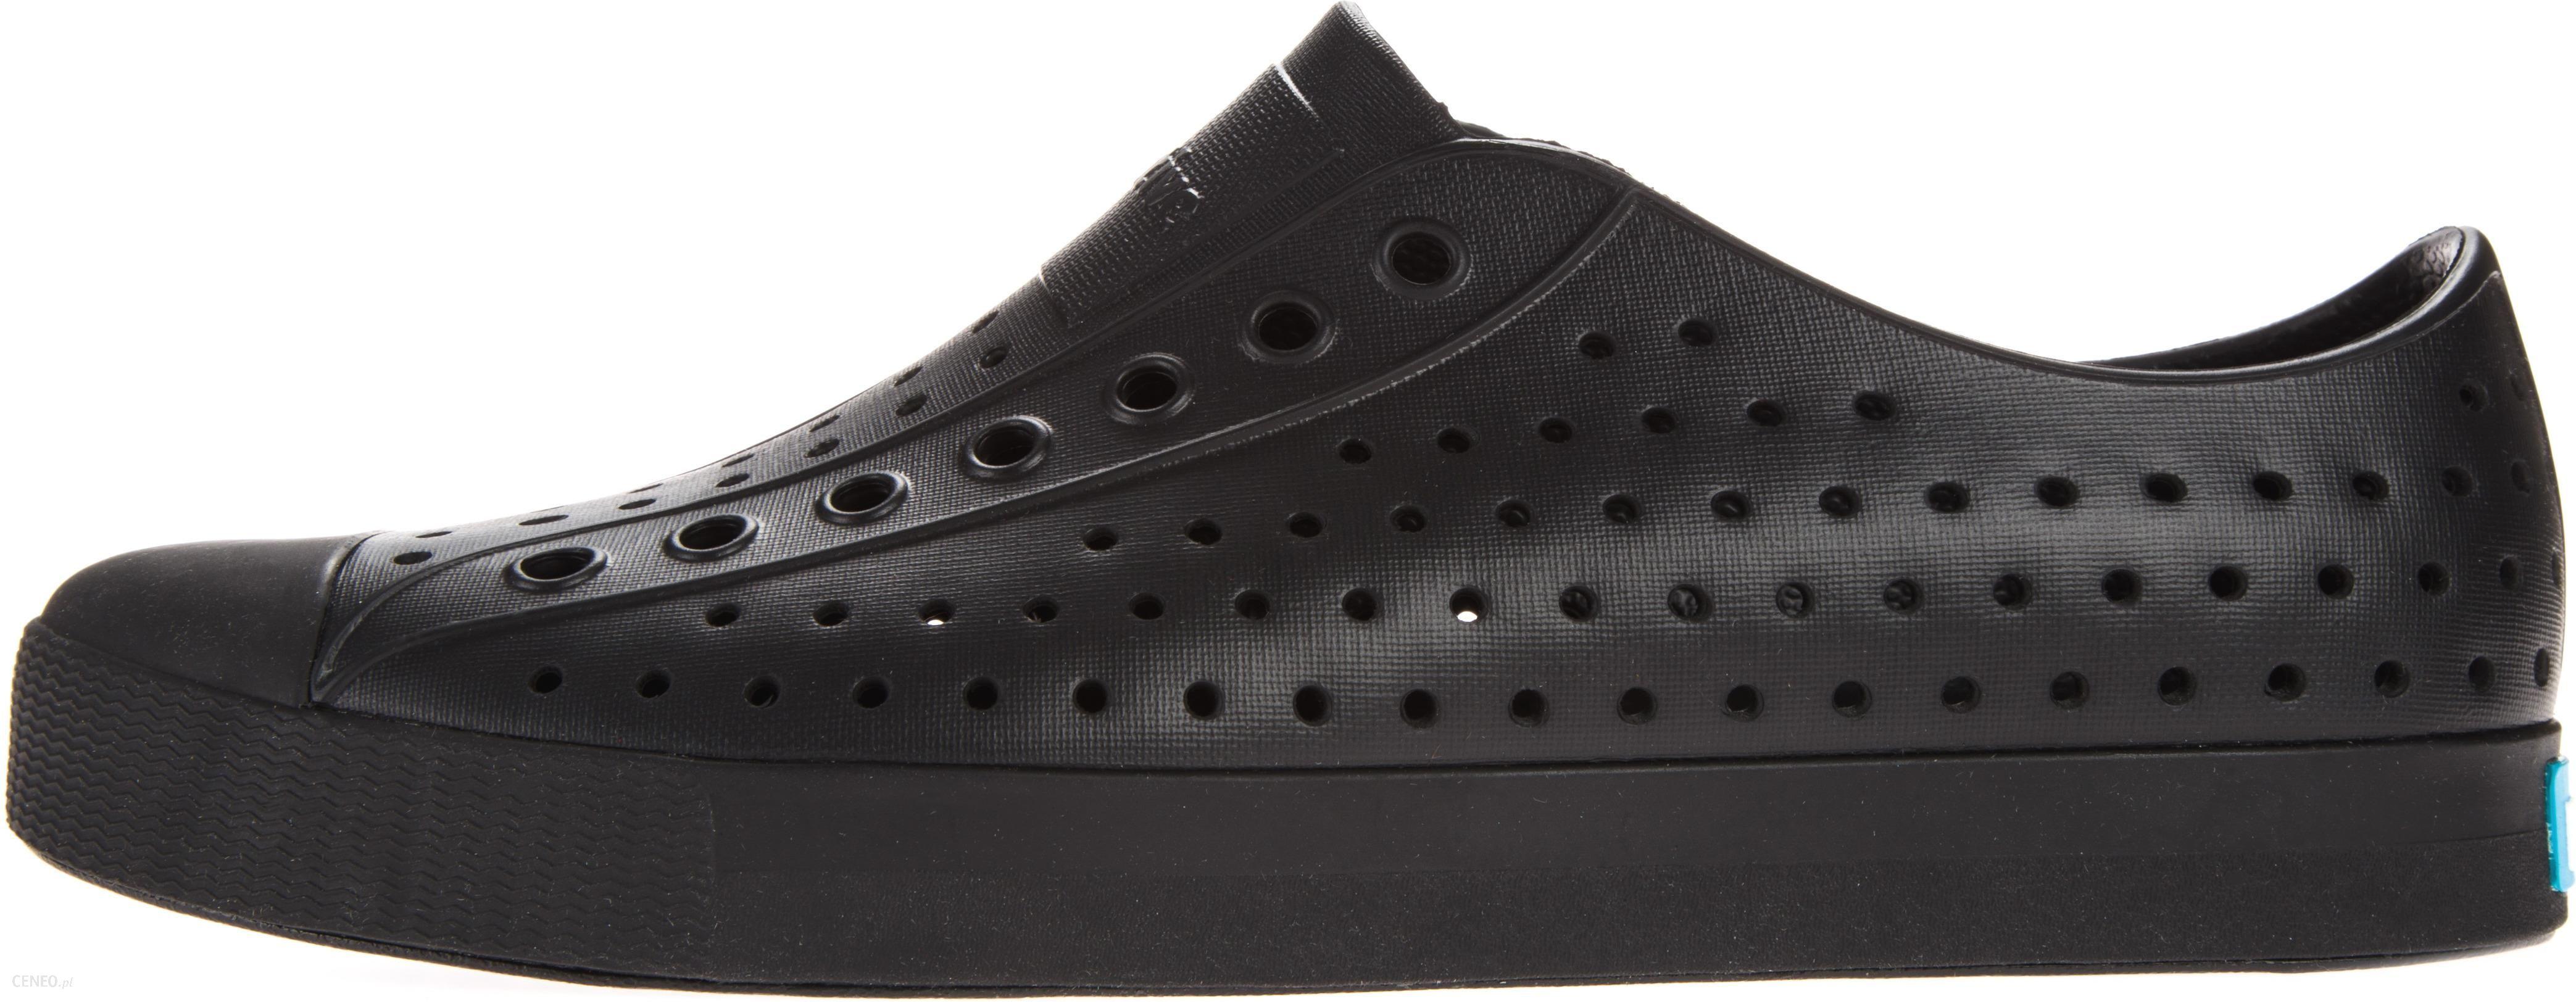 best service 7d785 c89f8 Native Shoes Jefferson Slip On Buty Czarny 44 - zdjęcie 1